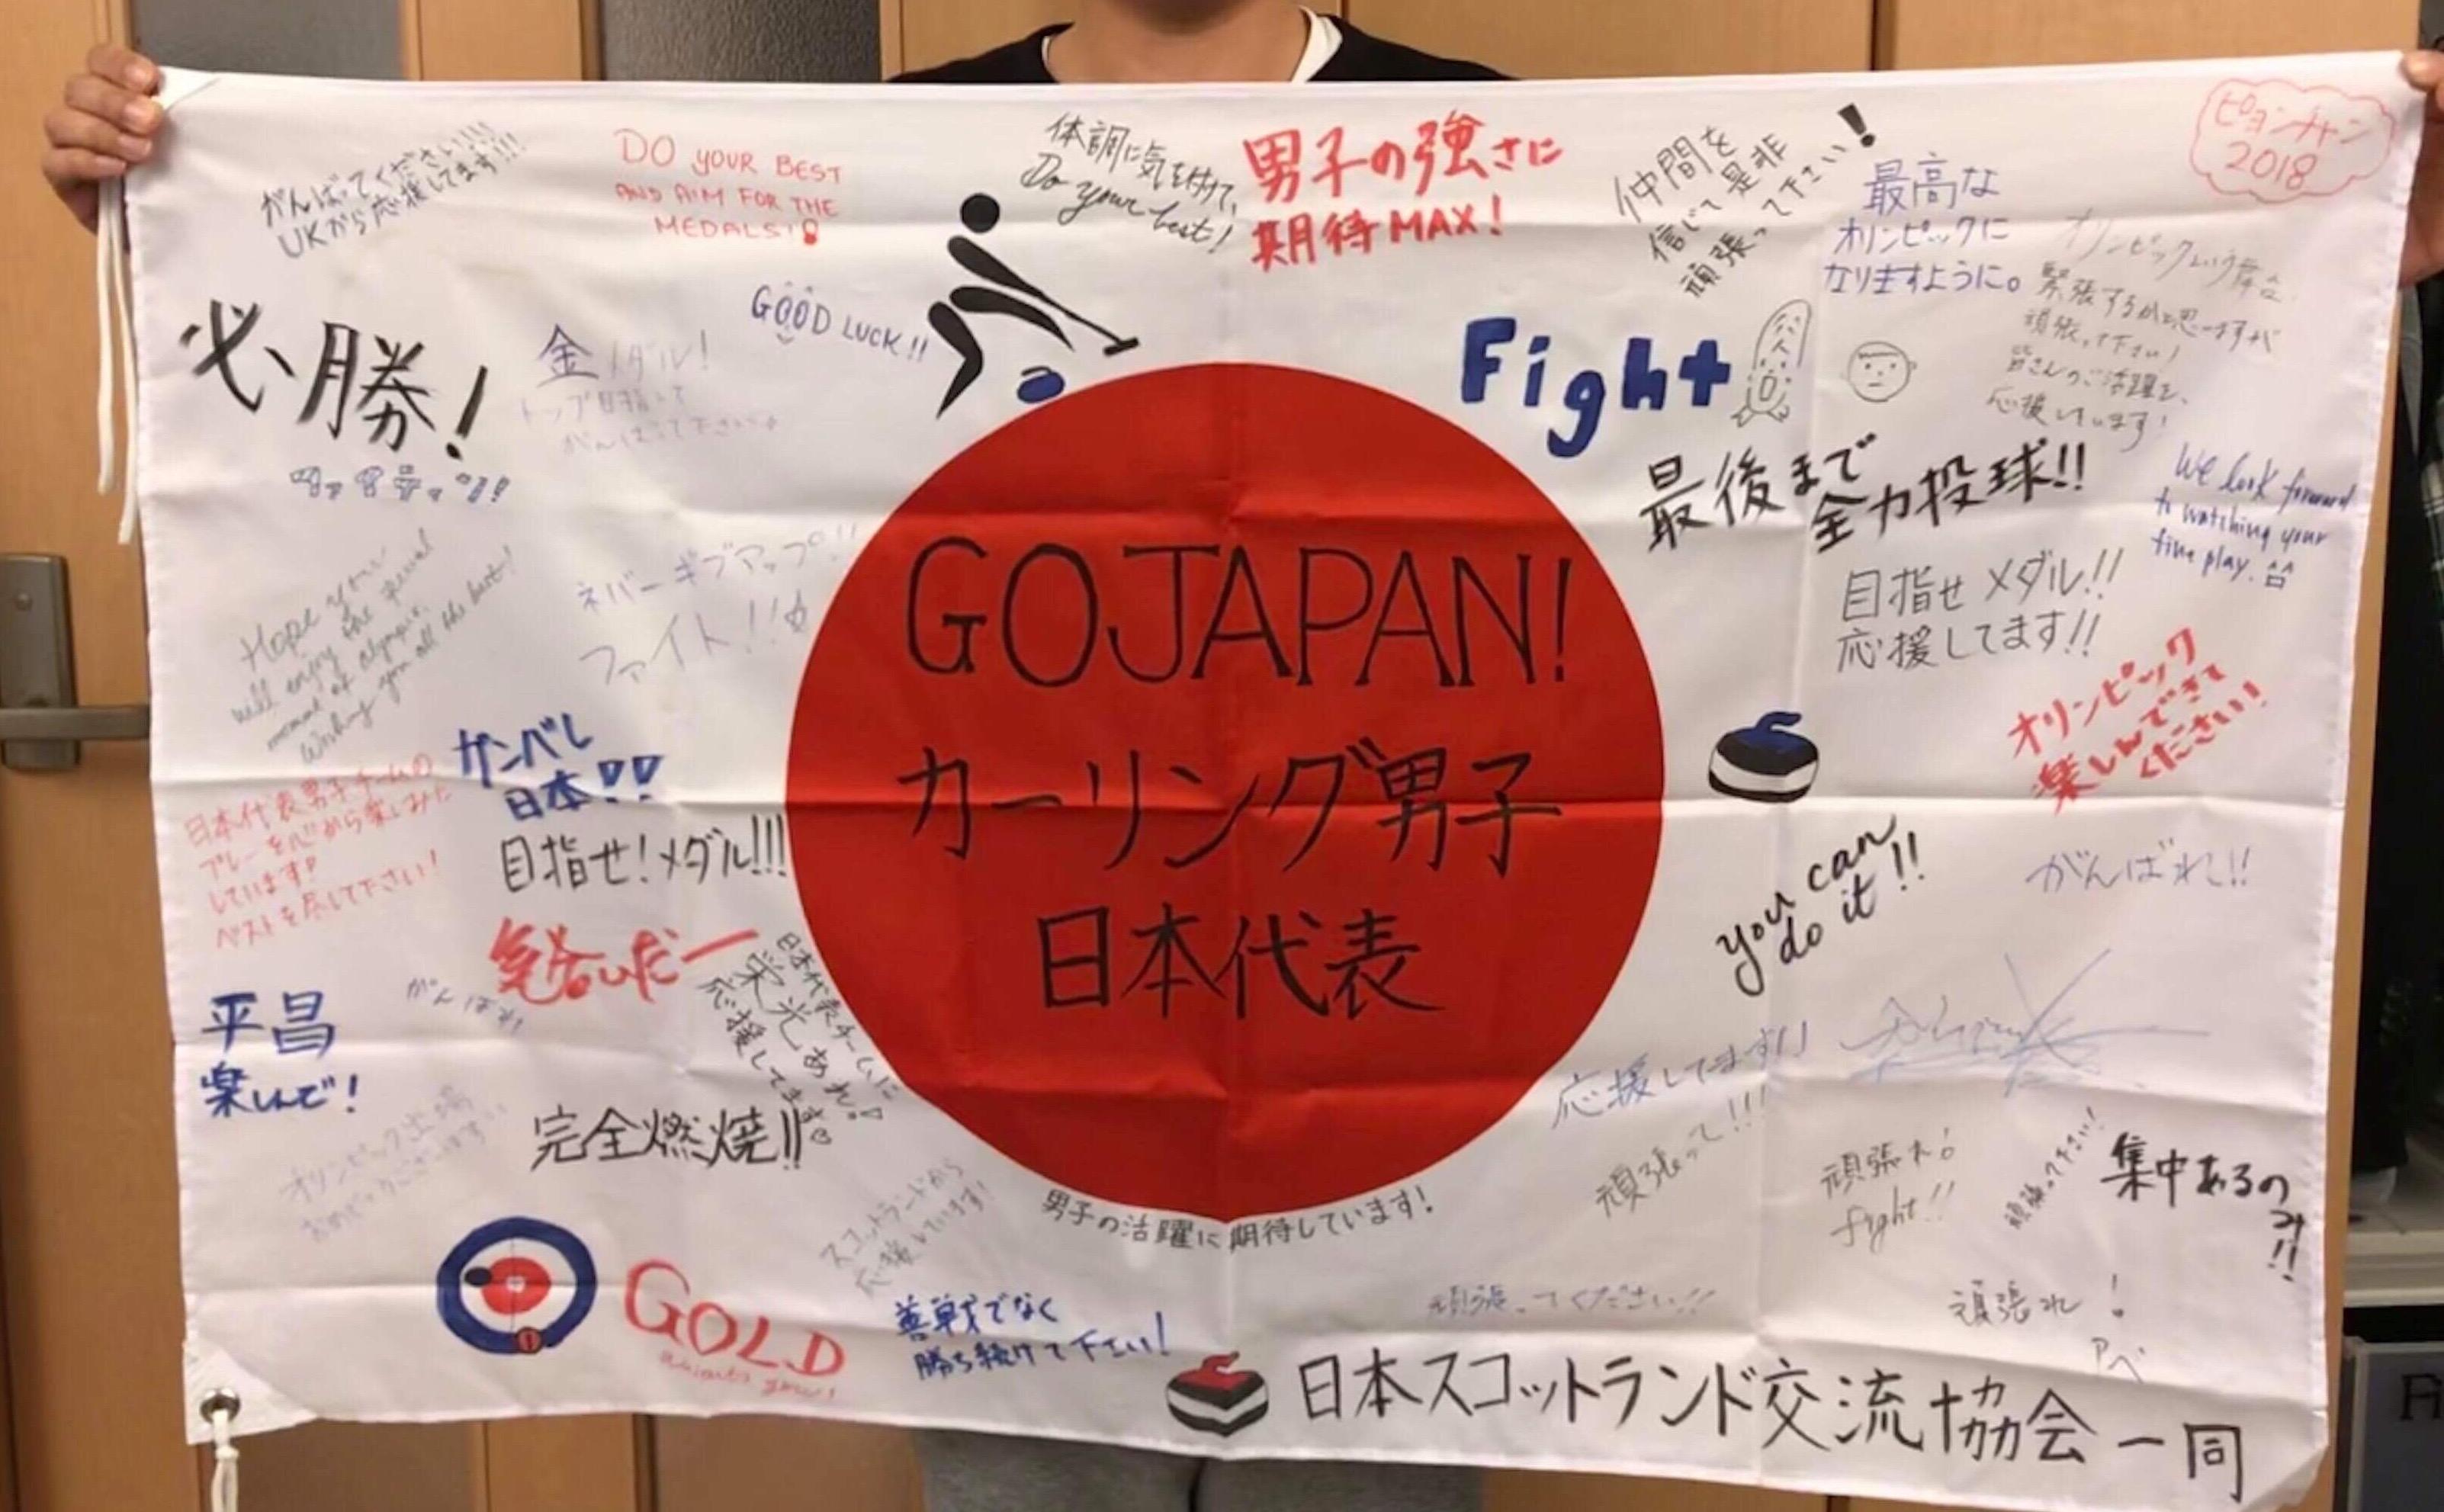 日本カーリング男子代表を応援しましょう!